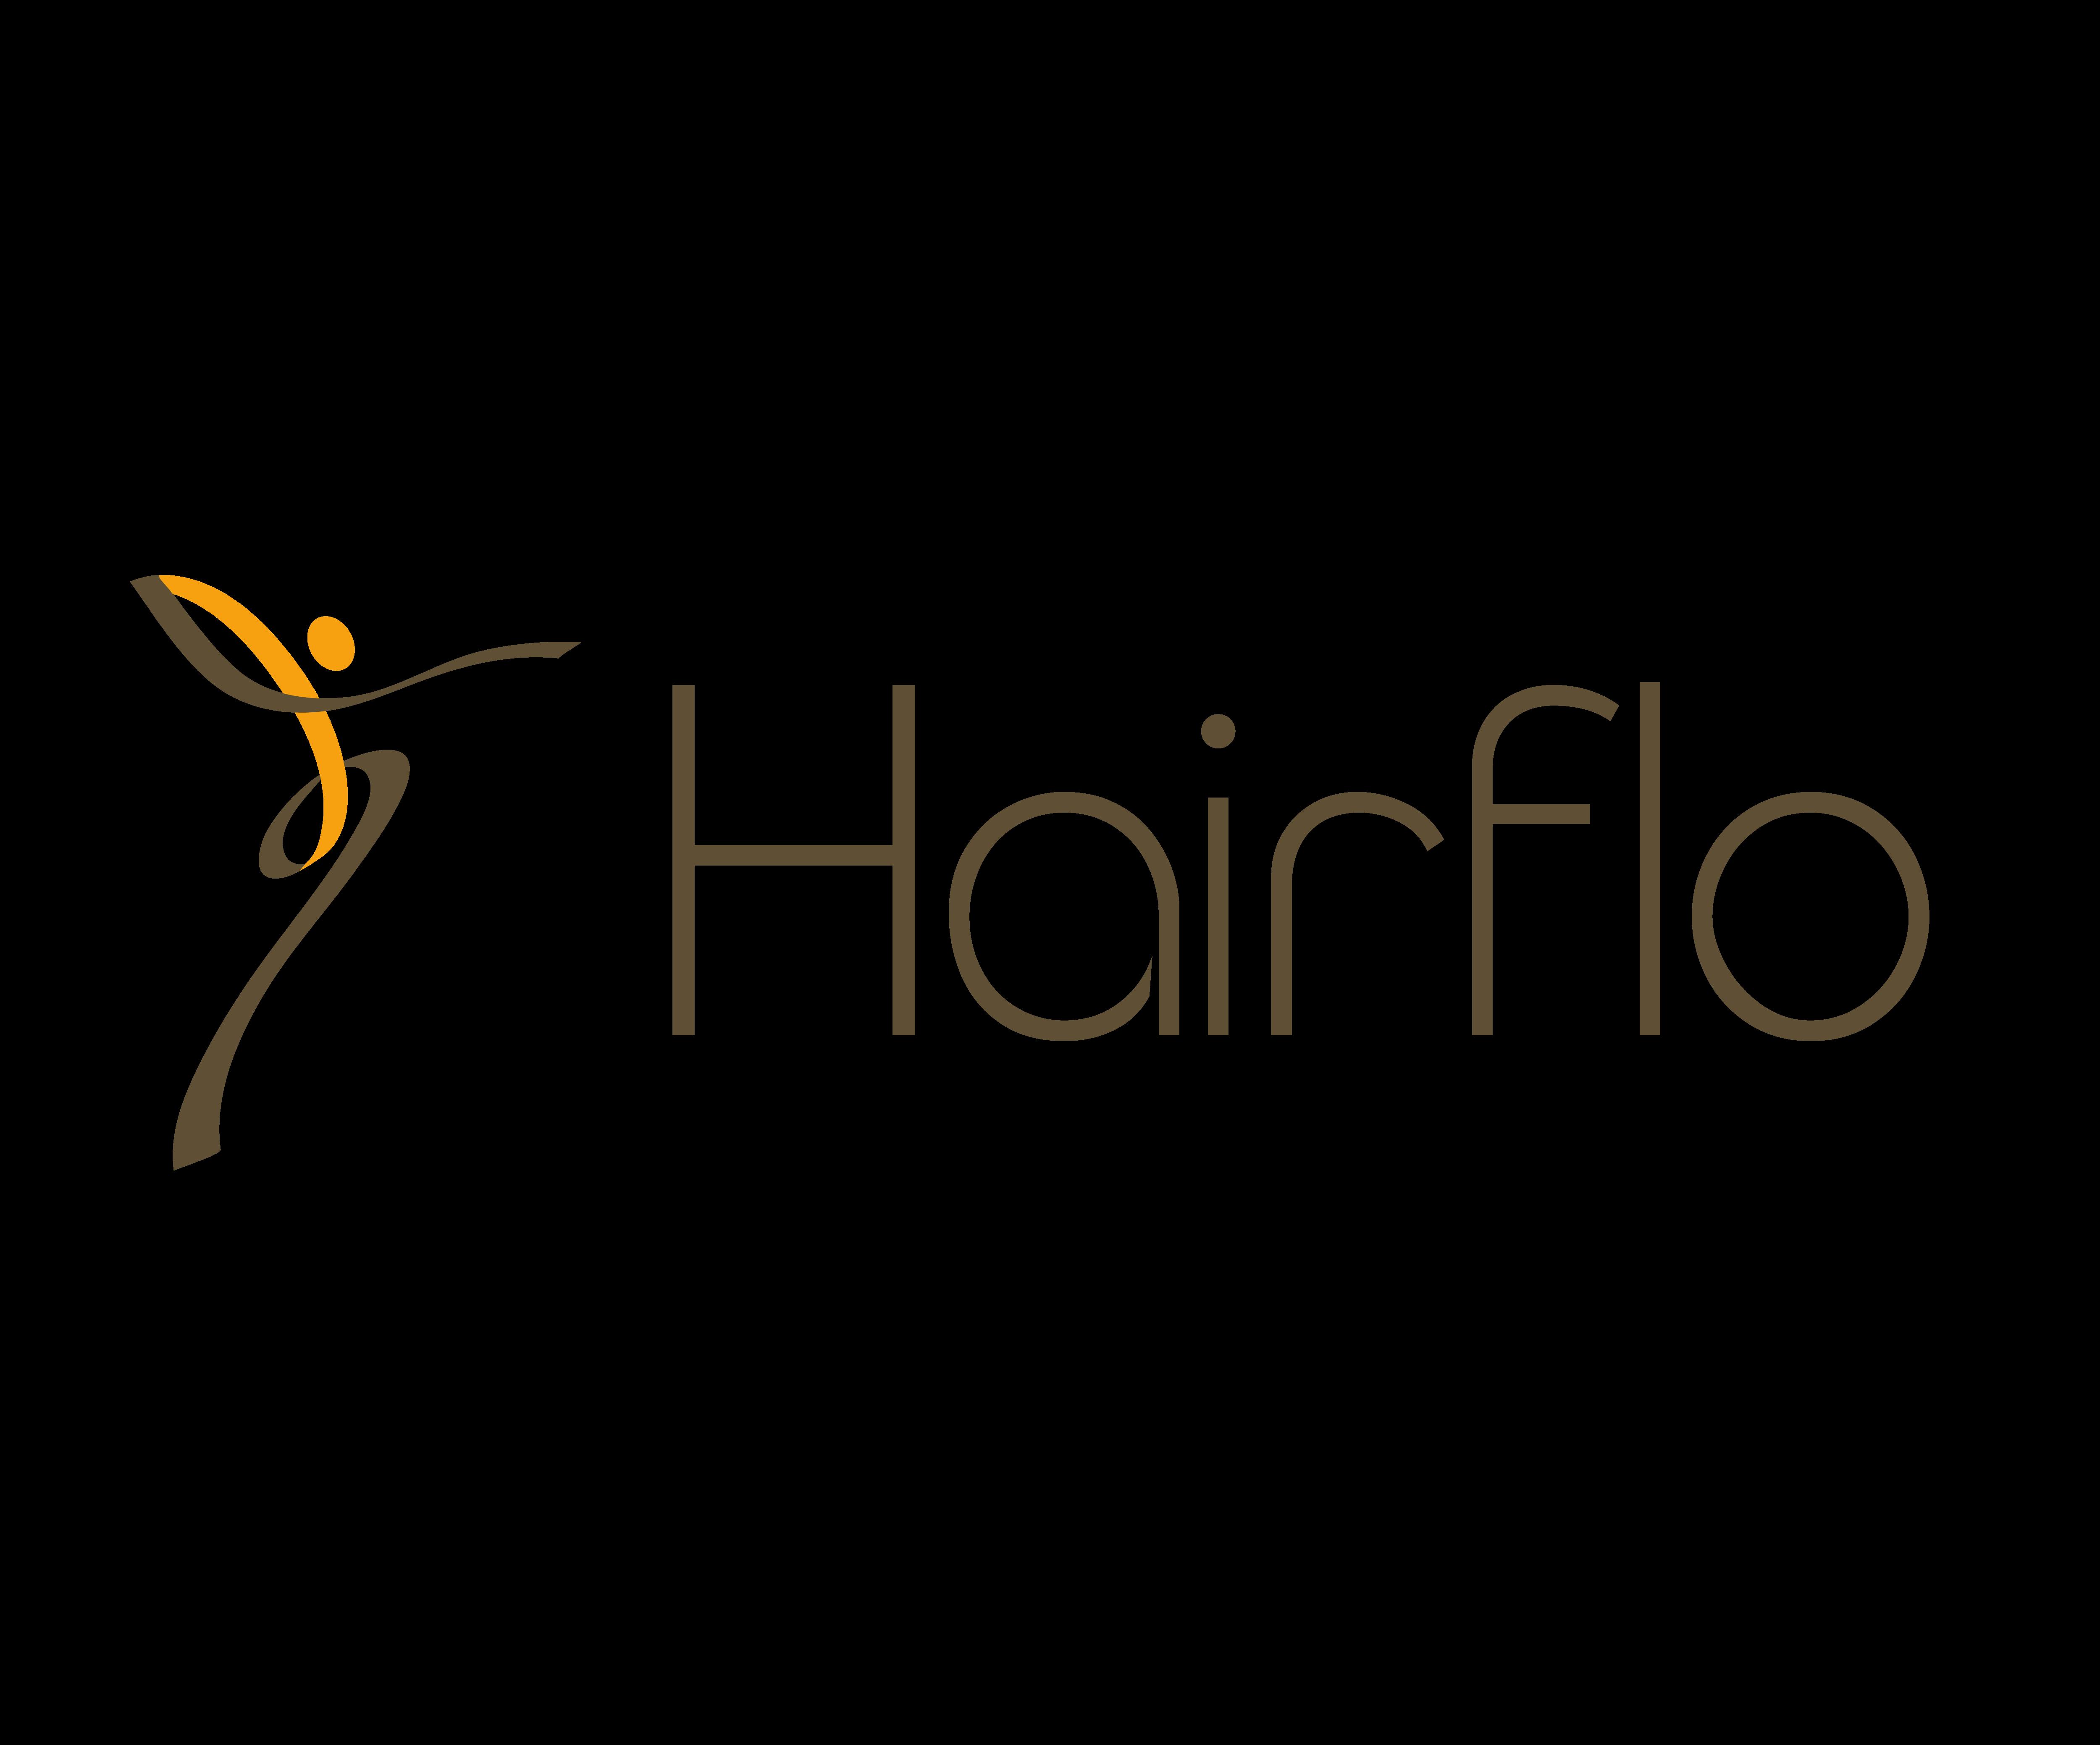 Hairflo Boutique Hair Salon Newton